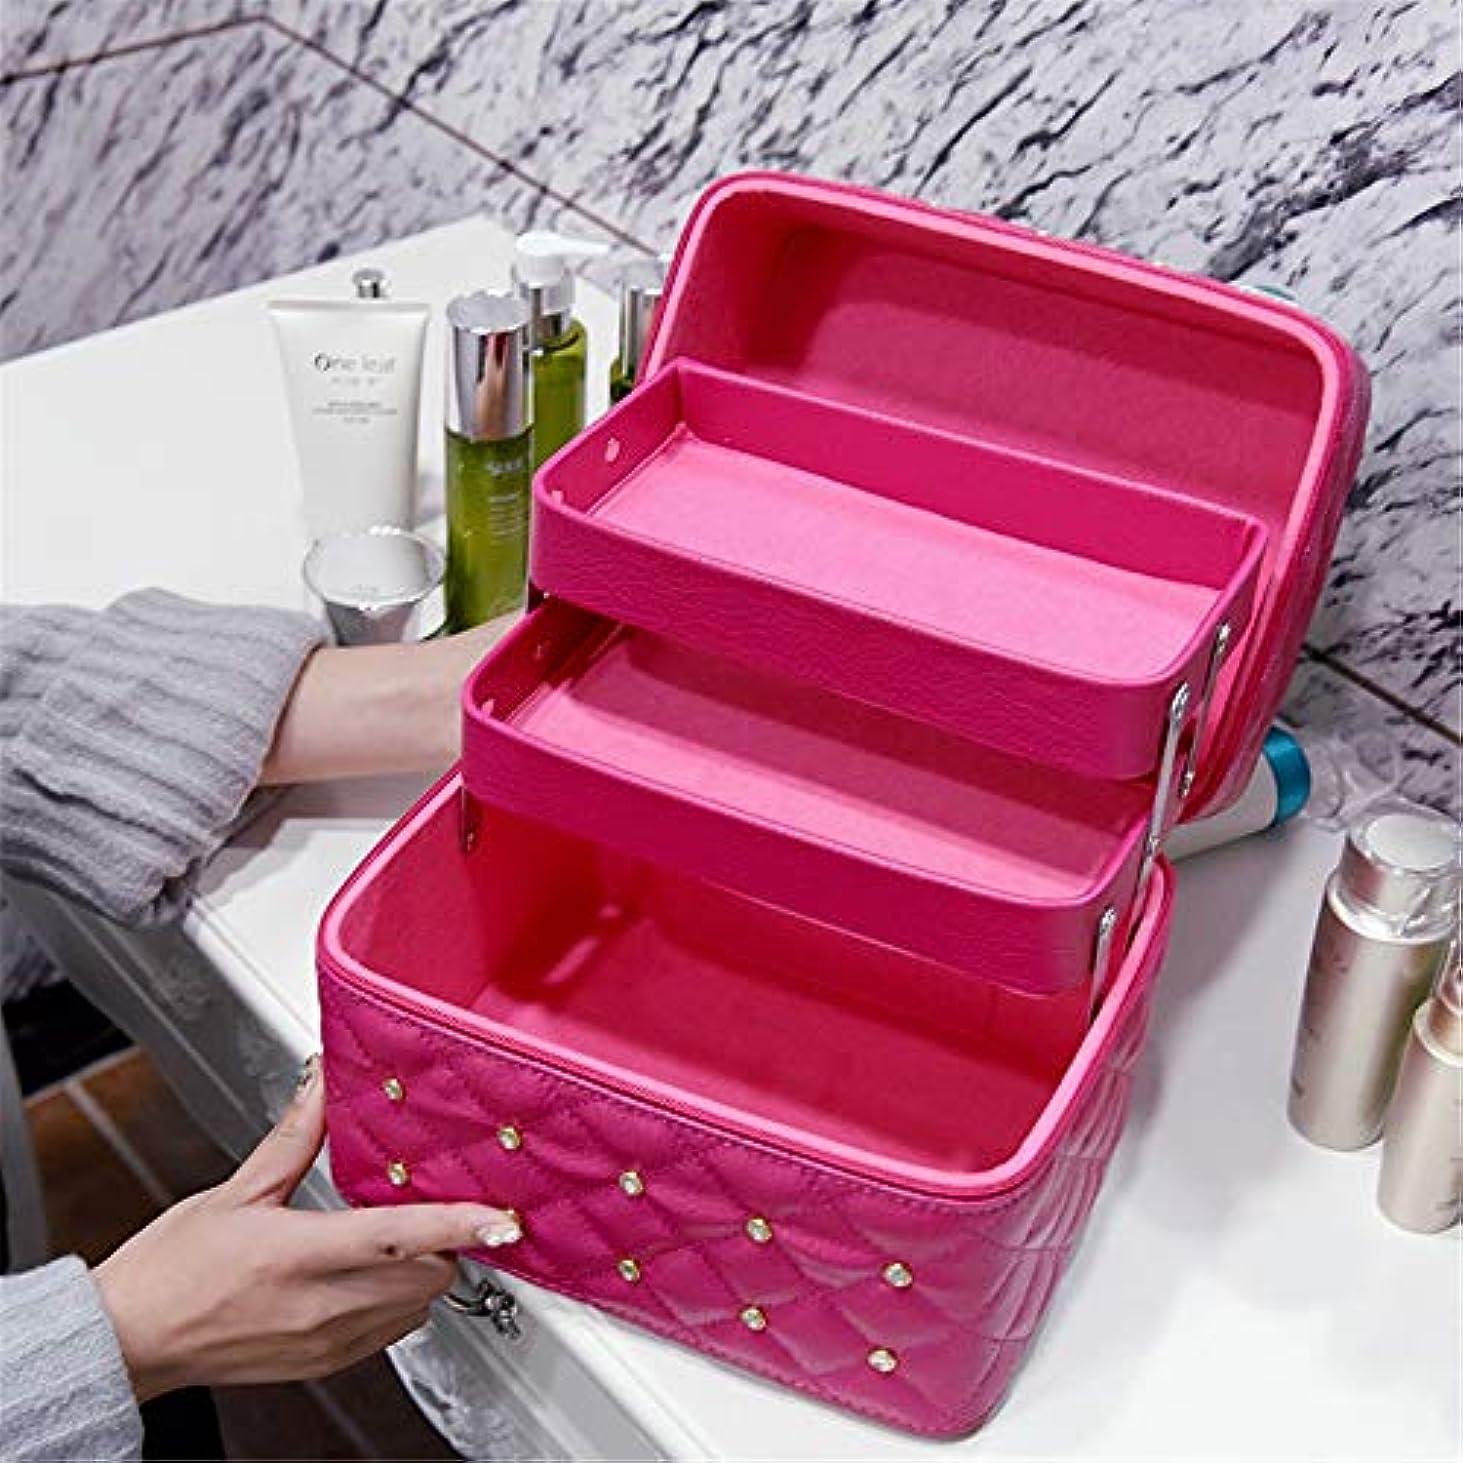 頑張る陪審正直特大スペース収納ビューティーボックス 美の構造のためそしてジッパーおよび折る皿が付いている女の子の女性旅行そして毎日の貯蔵のための高容量の携帯用化粧品袋 化粧品化粧台